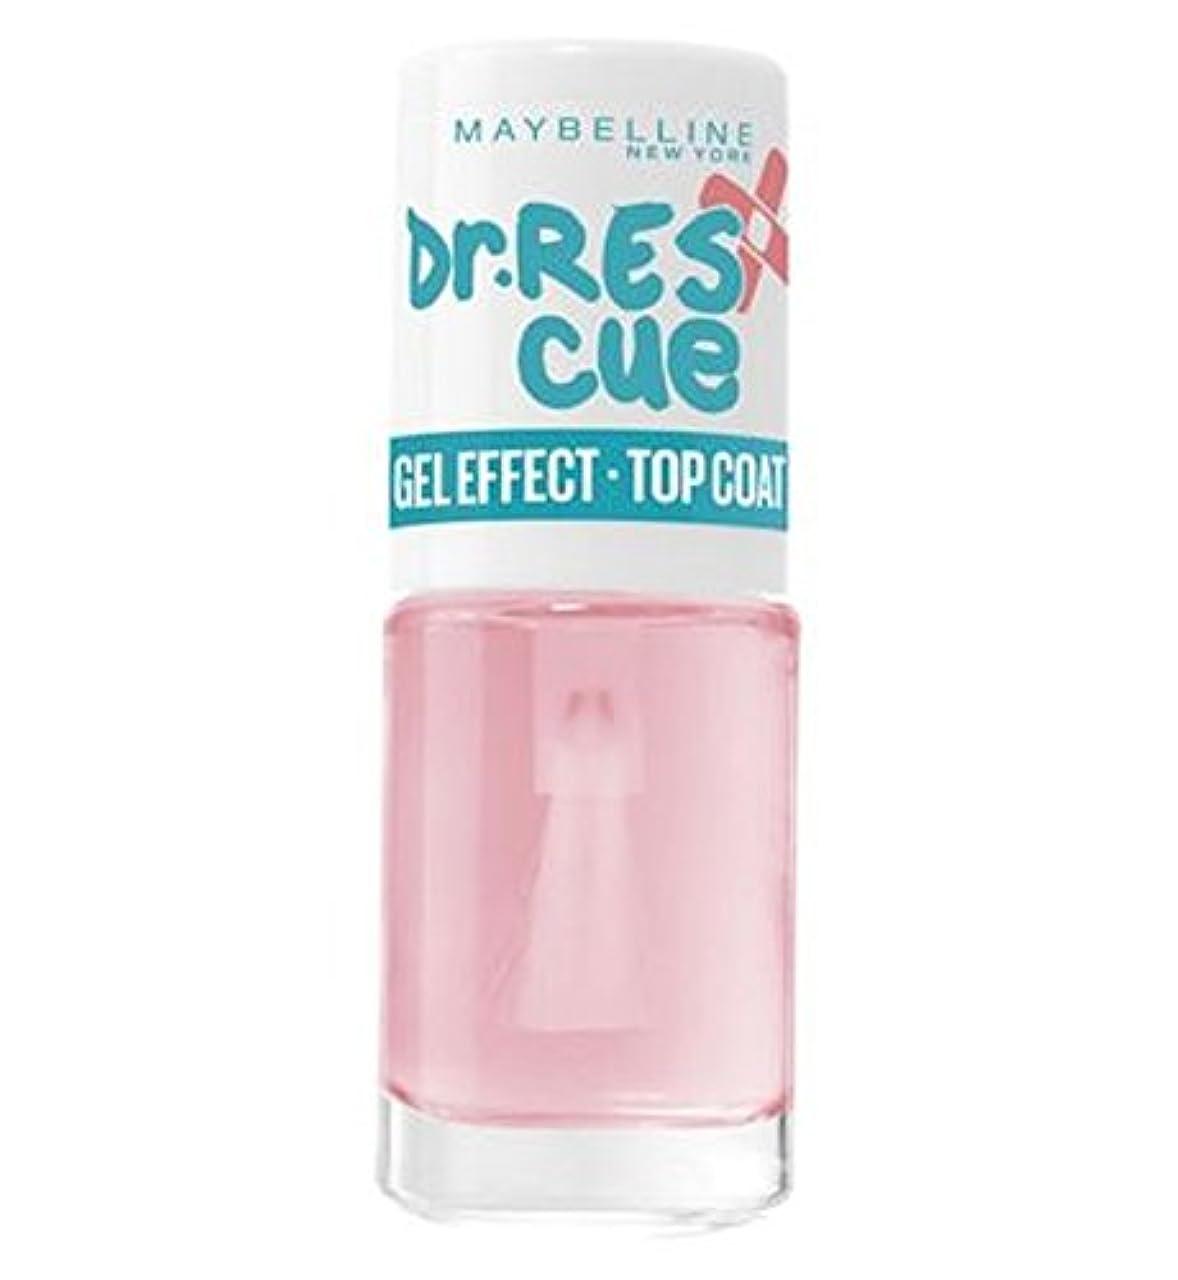 勤勉なマナー承認Maybelline Dr Rescue Nail Care Gel Top Coat 7ml - メイベリンのDr救助ネイルケアジェルトップコート7ミリリットル (Maybelline) [並行輸入品]